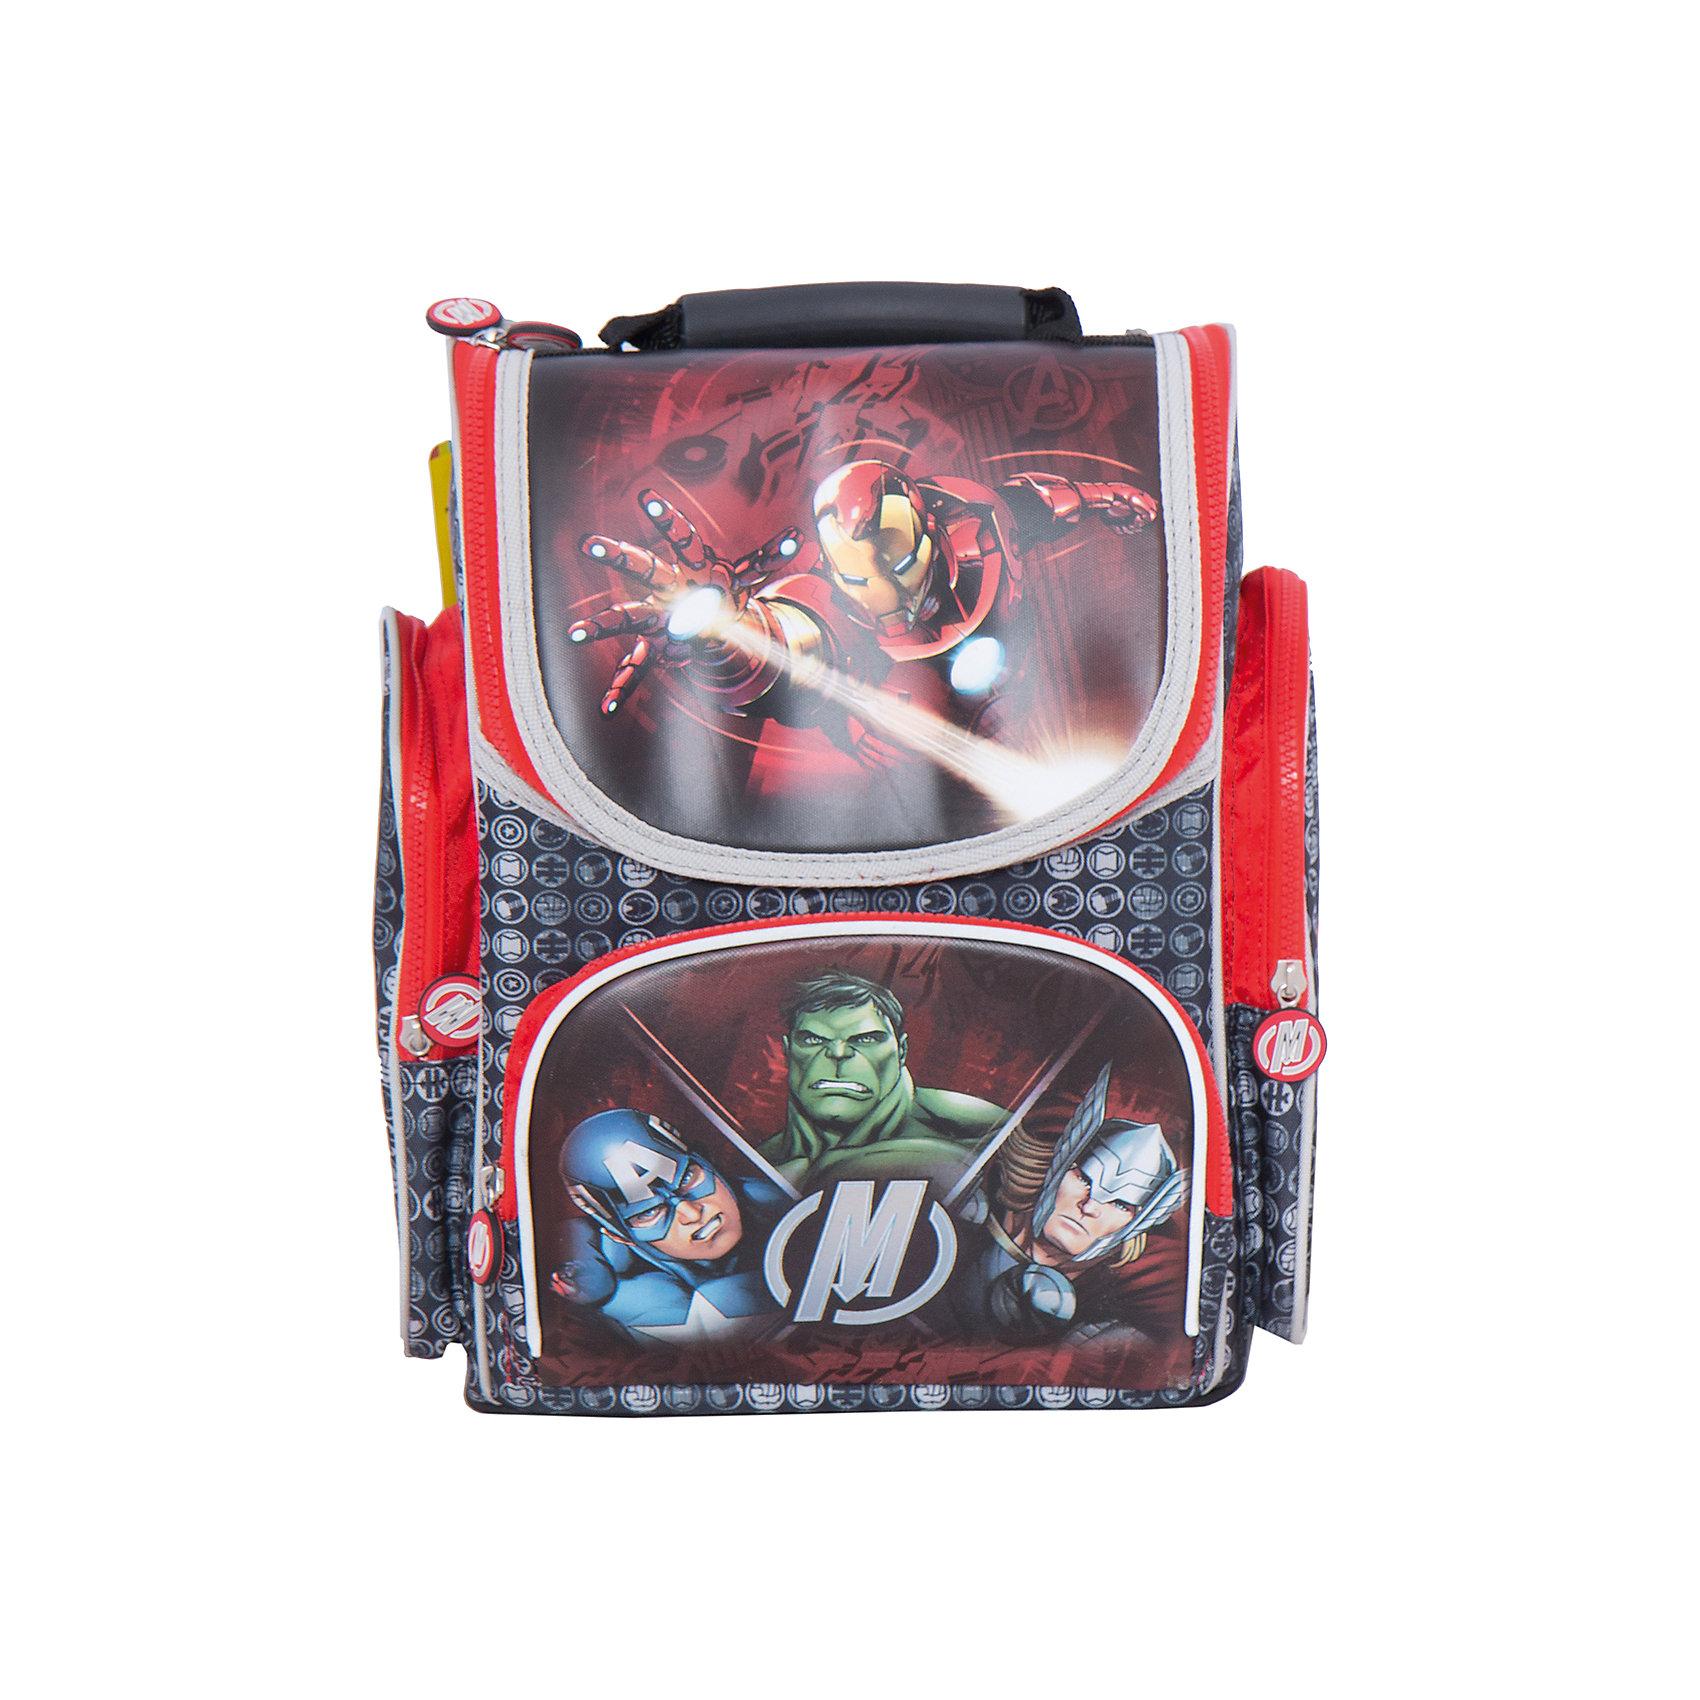 Ортопедический рюкзак Мстители, MarvelMarvel<br>Ортопедический рюкзак Мстители, Marvel - удобный и практичный школьный рюкзак для повседневного использования. Рюкзак выполнен из износоустойчивых материалов с водонепроницаемой основой. Маленькому школьнику непременно понравится привлекательный дизайн с оригинальной черно-красной расцветкой и изображениями супергероев из популярного фильма Мстители (Avengers). У рюкзака жесткий каркас с ортопедической спинкой из дышащего материала, которая не дает ребенку сутулиться и предотвращает нарушение осанки. Широкие мягкие лямки, регулируемые по длине, равномерно распределяют нагрузку на плечевой пояс. Также есть удобная текстильная ручка для транспортировки с противоскользящей накладкой. Пластиковые ножки защищают дно от загрязнения.<br><br>Рюкзак закрывается на застежку-молнию, внутри одно основное просторное отделение с двумя отсеками для книг и тетрадей, держателем для ключей и маленьким карманом. Также имеются два кармана на молнии по бокам высотой 24 см. и большой накладной карман с застежкой-молнией на лицевой стороне. Светоотражающие элементы на лямках и лицевом кармане повышают безопасность ребенка в темноте. <br><br>Дополнительная информация:<br><br>- Материал: полиэстер.  <br>- Размер: 29 х 20 х 34 см.<br>- Вес: 1,262 кг.<br><br>Ортопедический рюкзак Мстители, Marvel, можно купить в нашем интернет-магазине.<br><br>Ширина мм: 290<br>Глубина мм: 200<br>Высота мм: 340<br>Вес г: 1262<br>Возраст от месяцев: 36<br>Возраст до месяцев: 96<br>Пол: Мужской<br>Возраст: Детский<br>SKU: 4062803